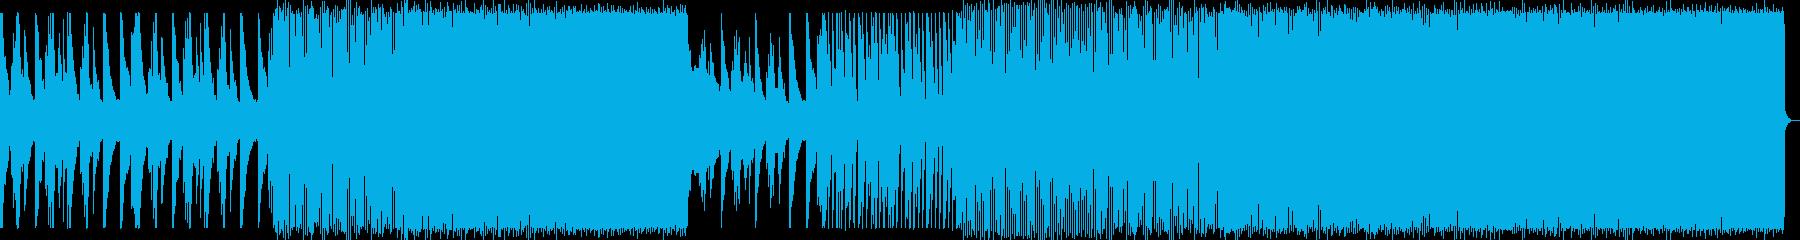 涼しげで疾走感のあるハウスNo578_1の再生済みの波形